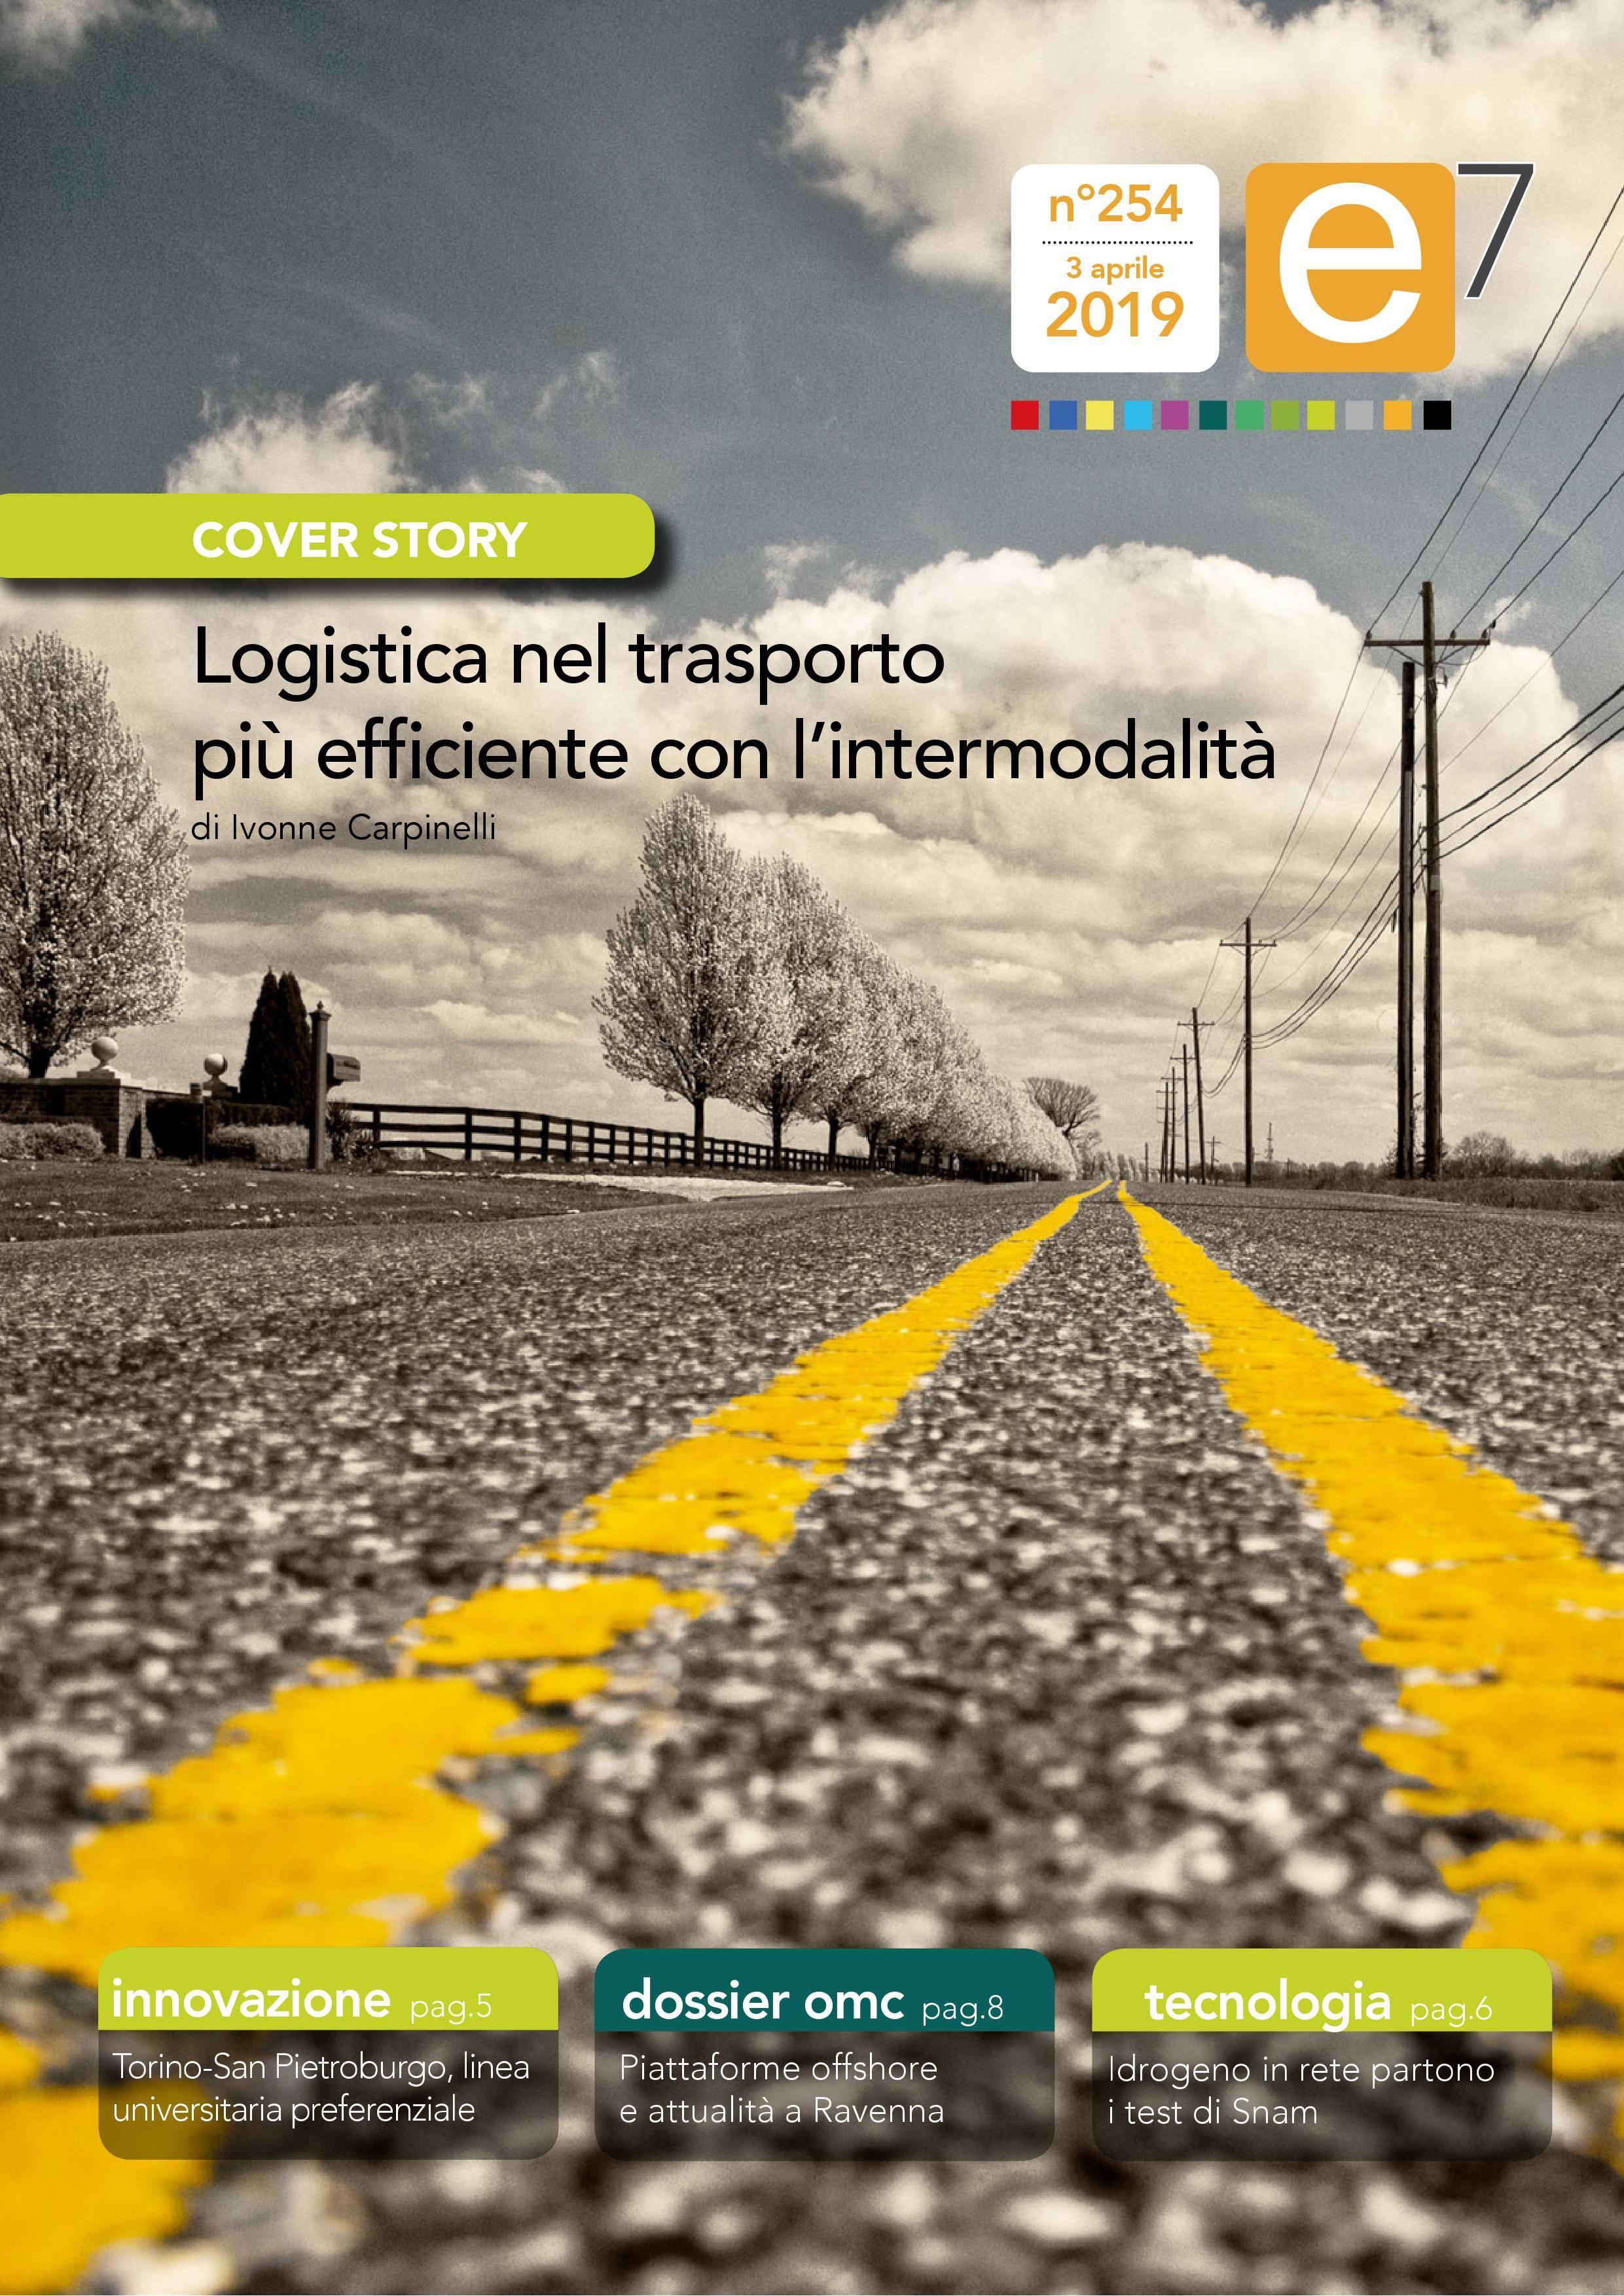 Logistica nel trasporto più efficiente con l'intermodalità